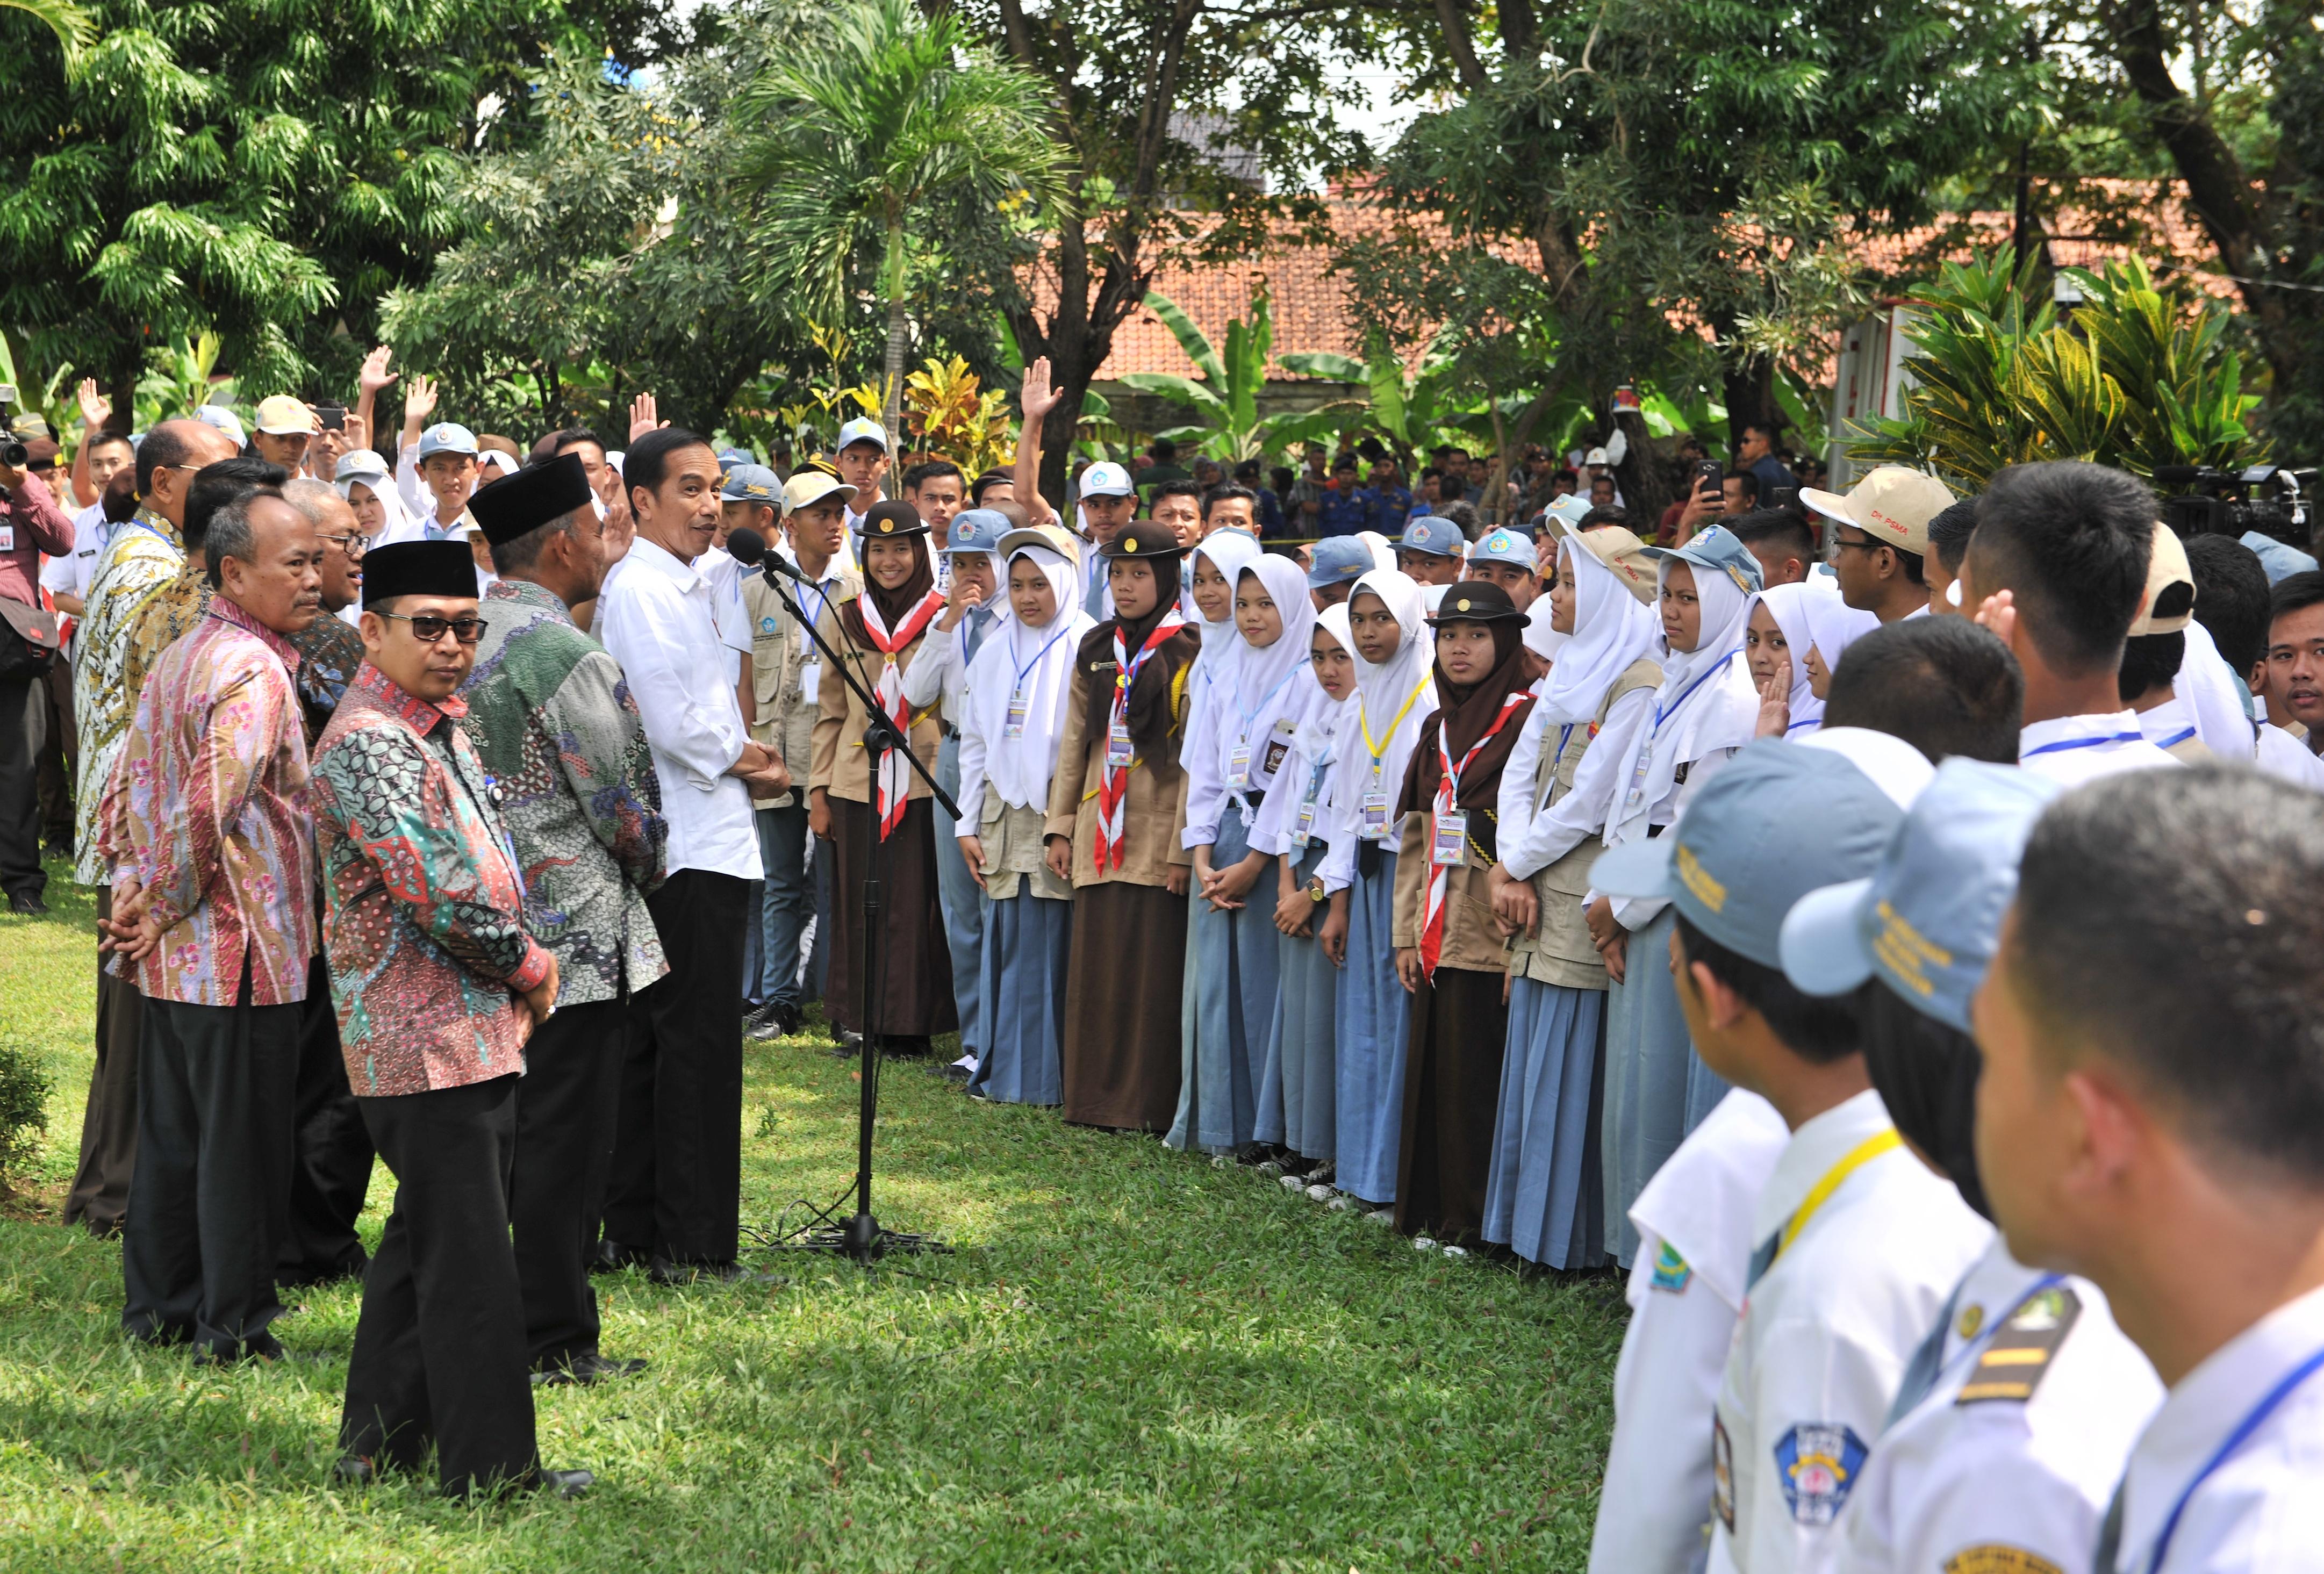 Jangan Saling Hujat, Presiden Jokowi: Gunakan Medsos Untuk Hal Yang Positif